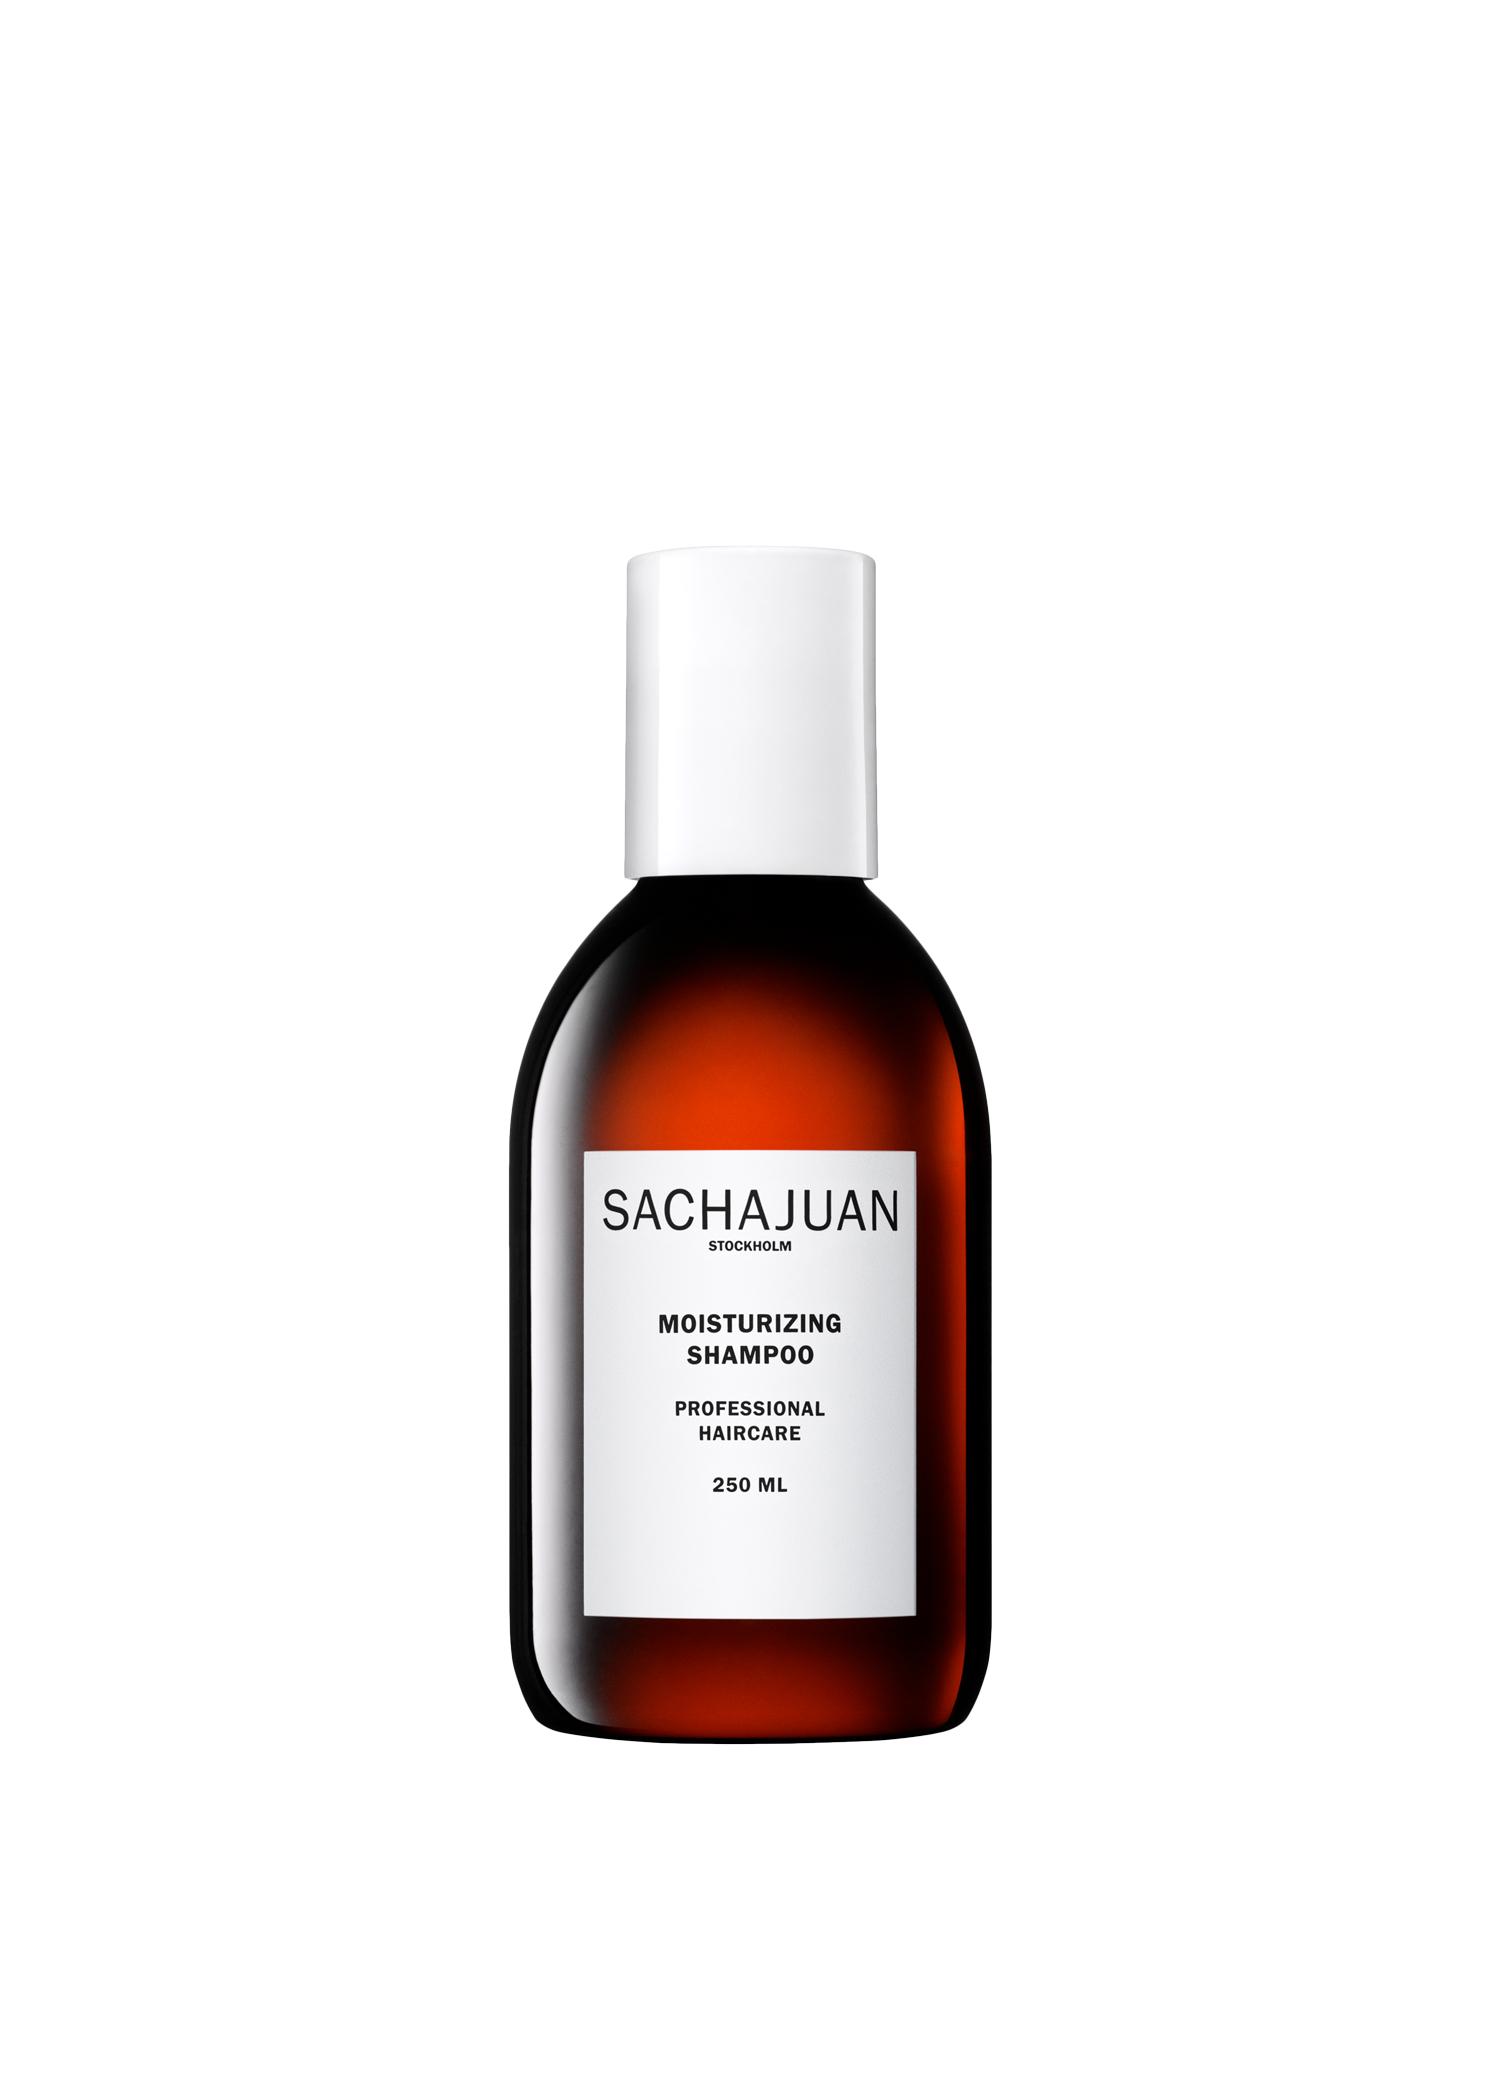 SACHAJUAN - Moisturizing Shampoo - 250 ml